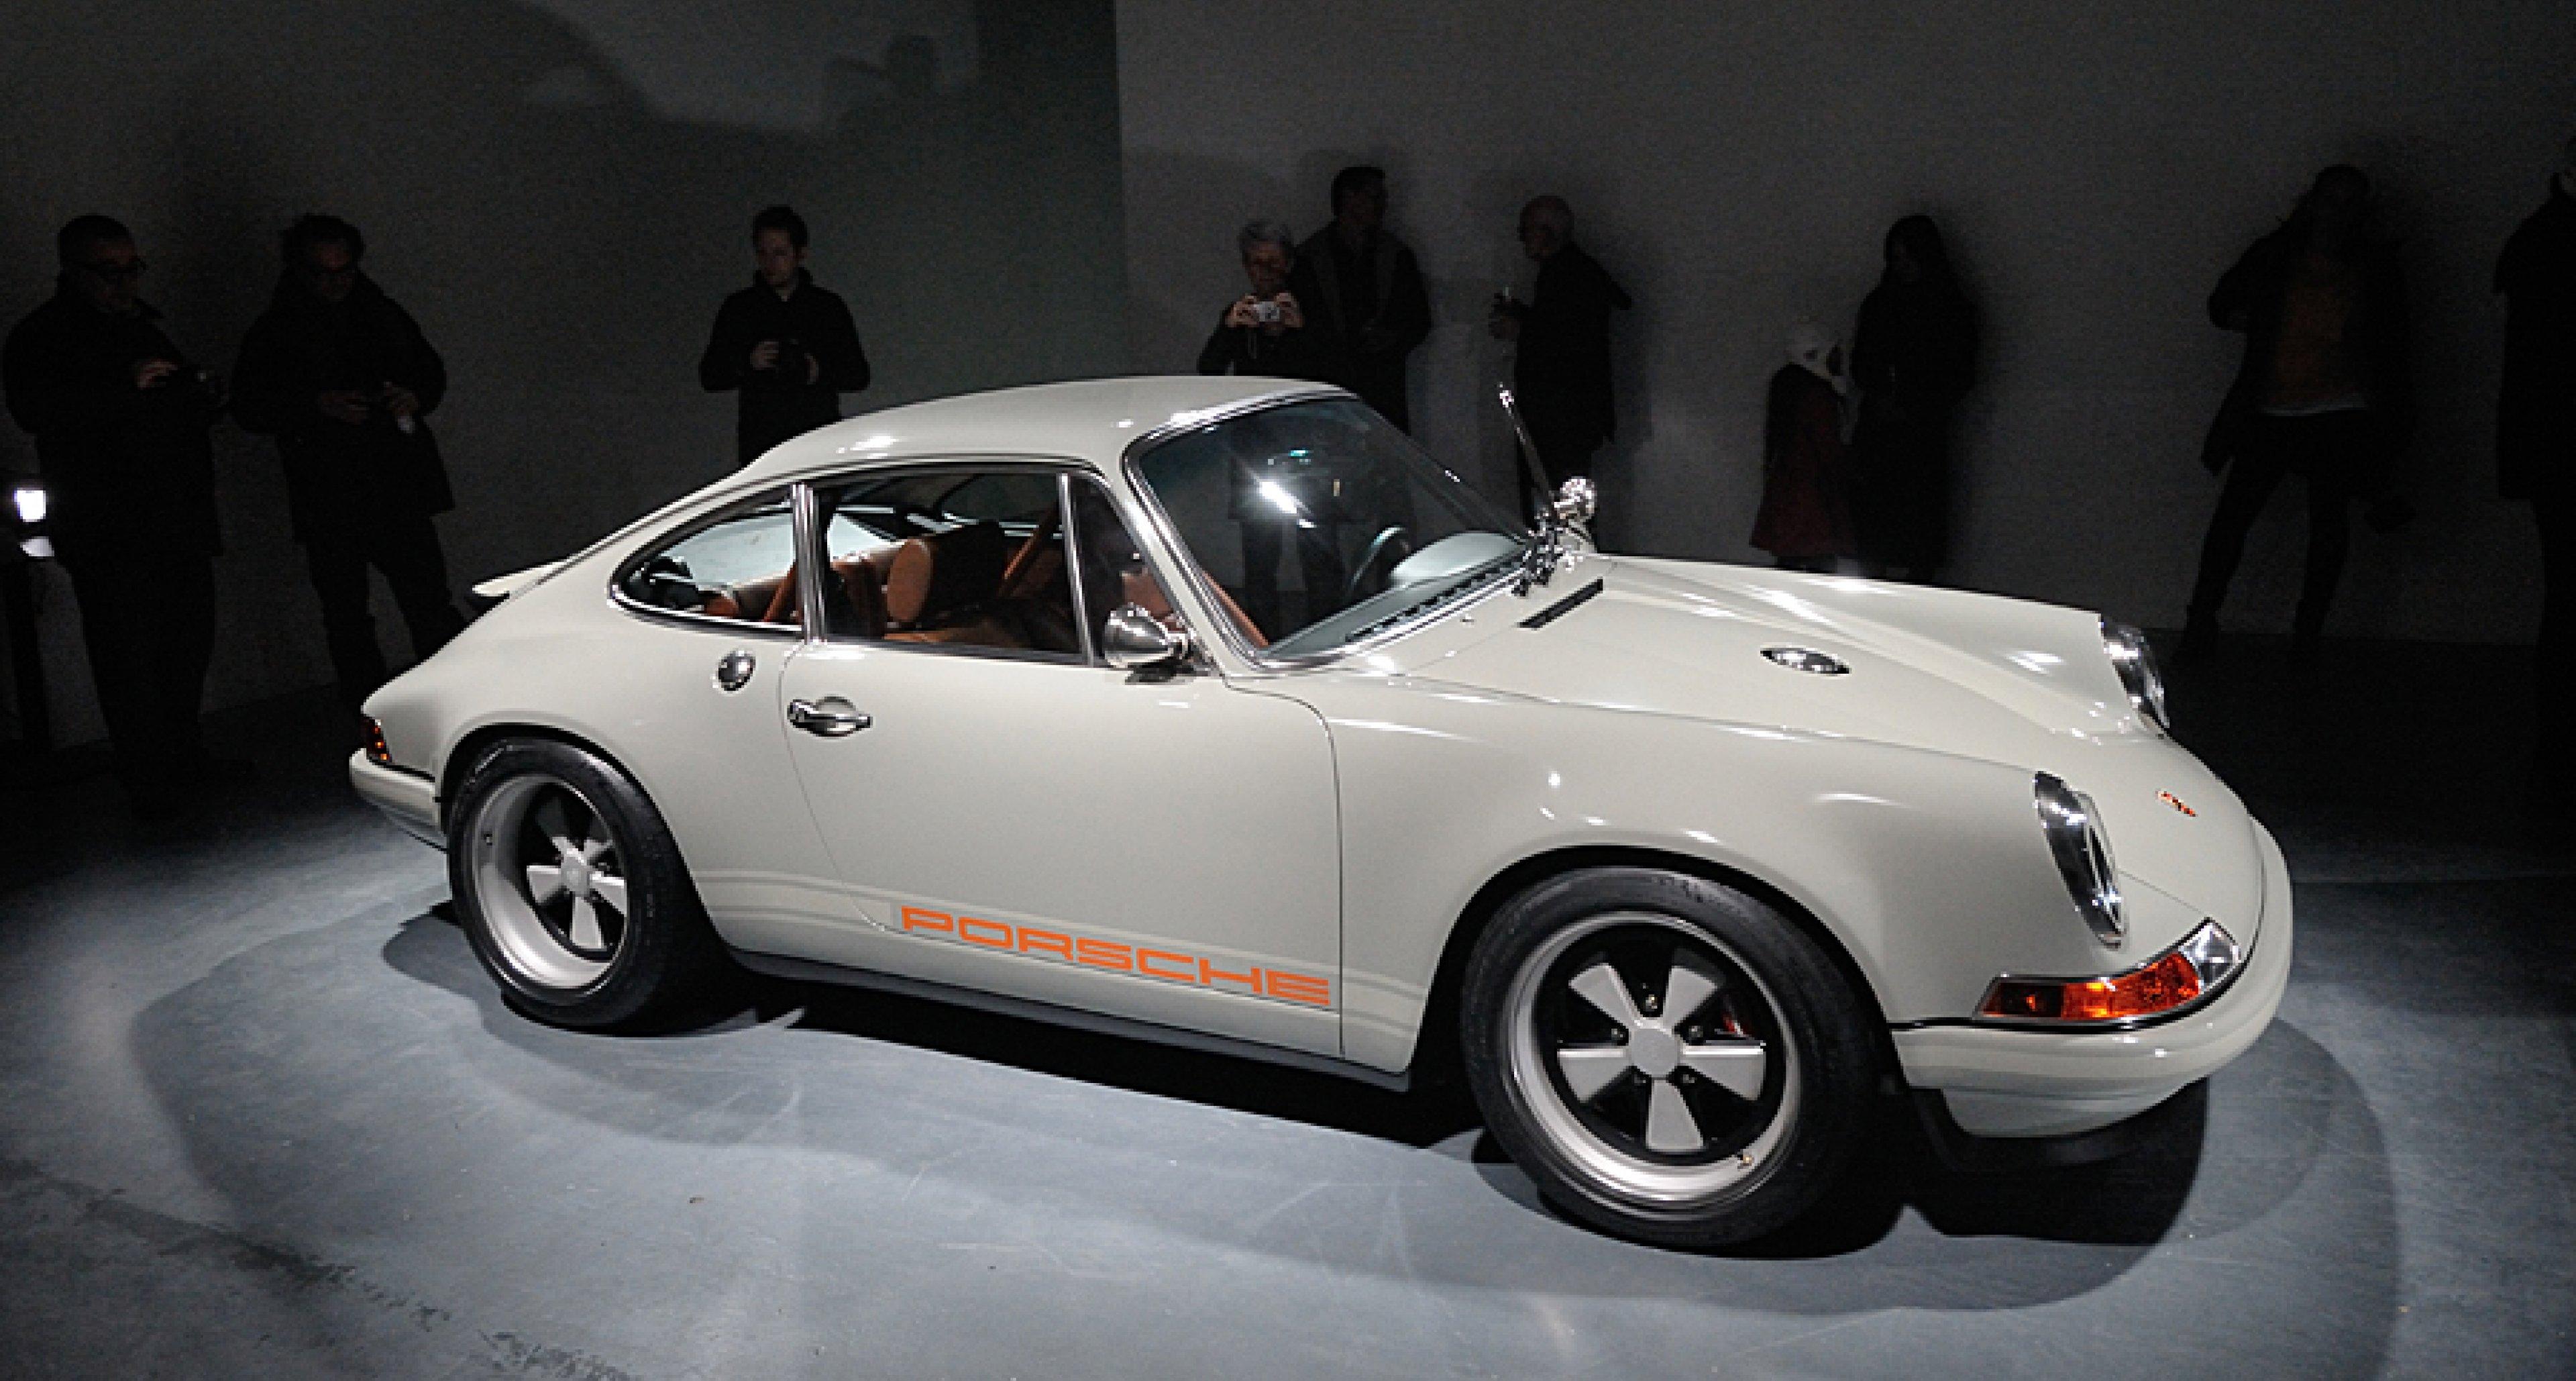 porsche 911 39 restored reimagined reborn 39 by singer. Black Bedroom Furniture Sets. Home Design Ideas